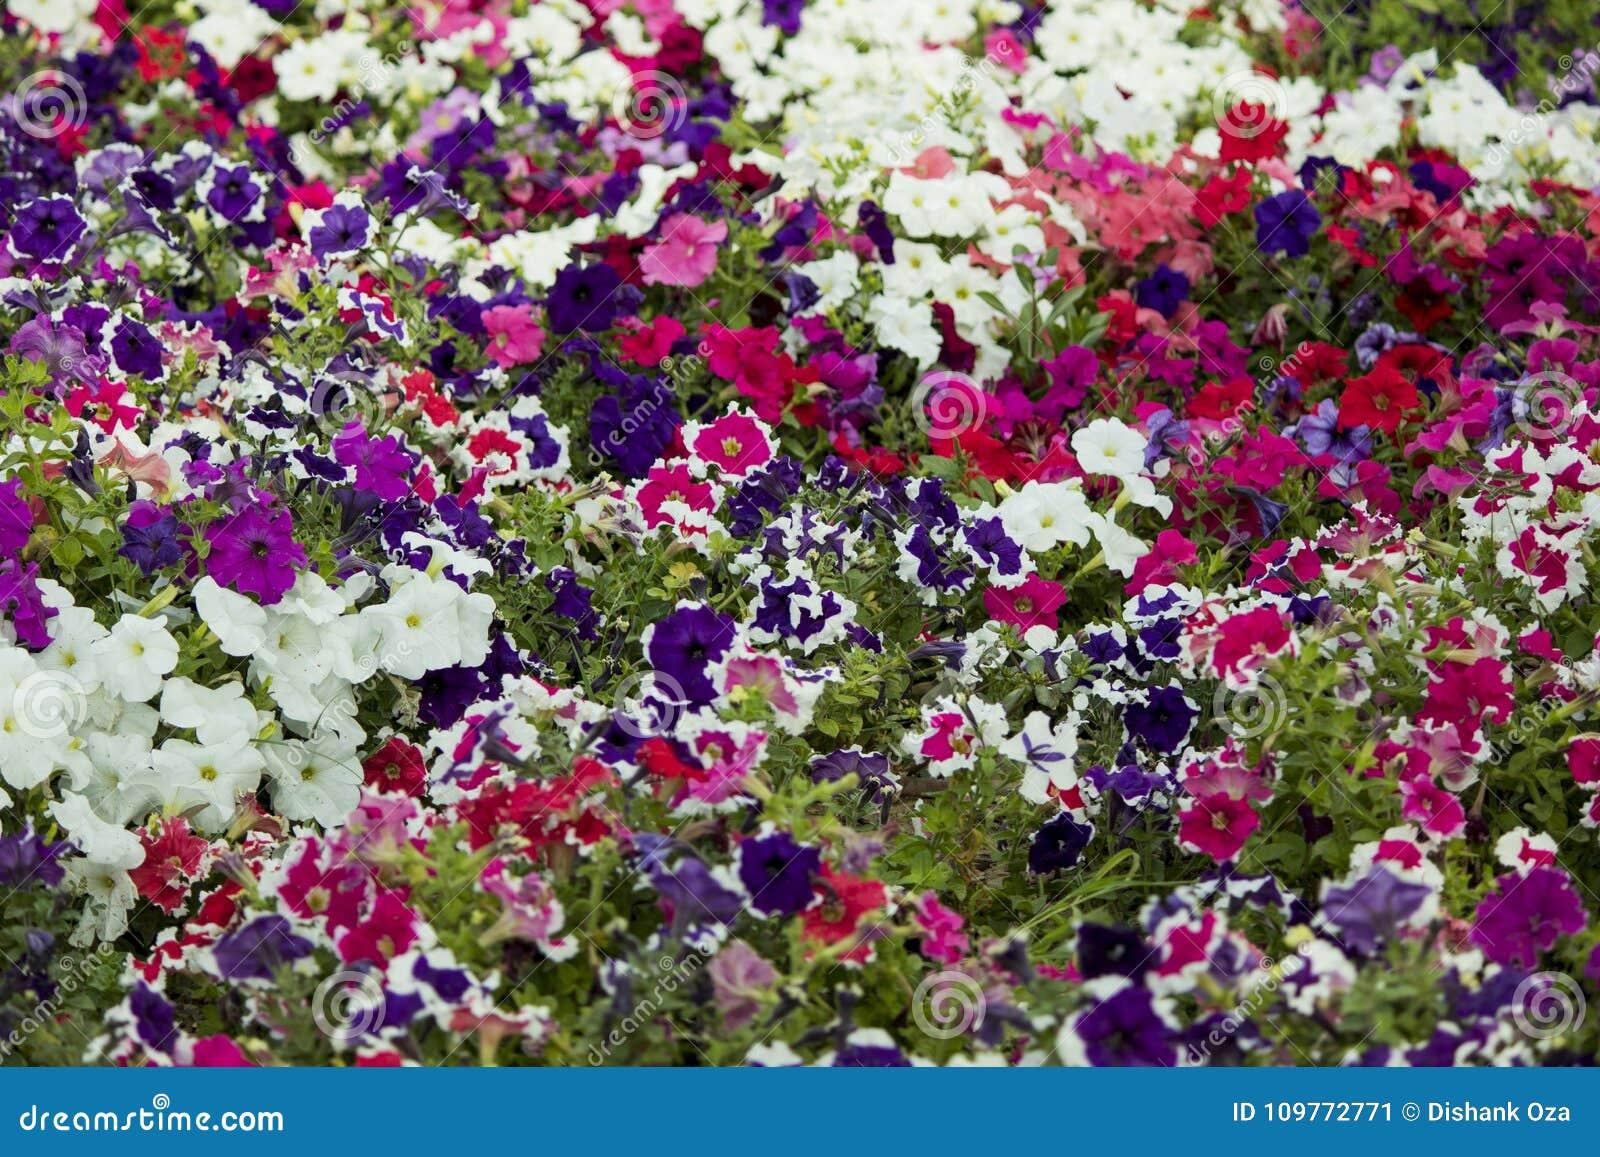 Όμορφη δέσμη των ζωηρόχρωμων λουλουδιών σε έναν κήπο